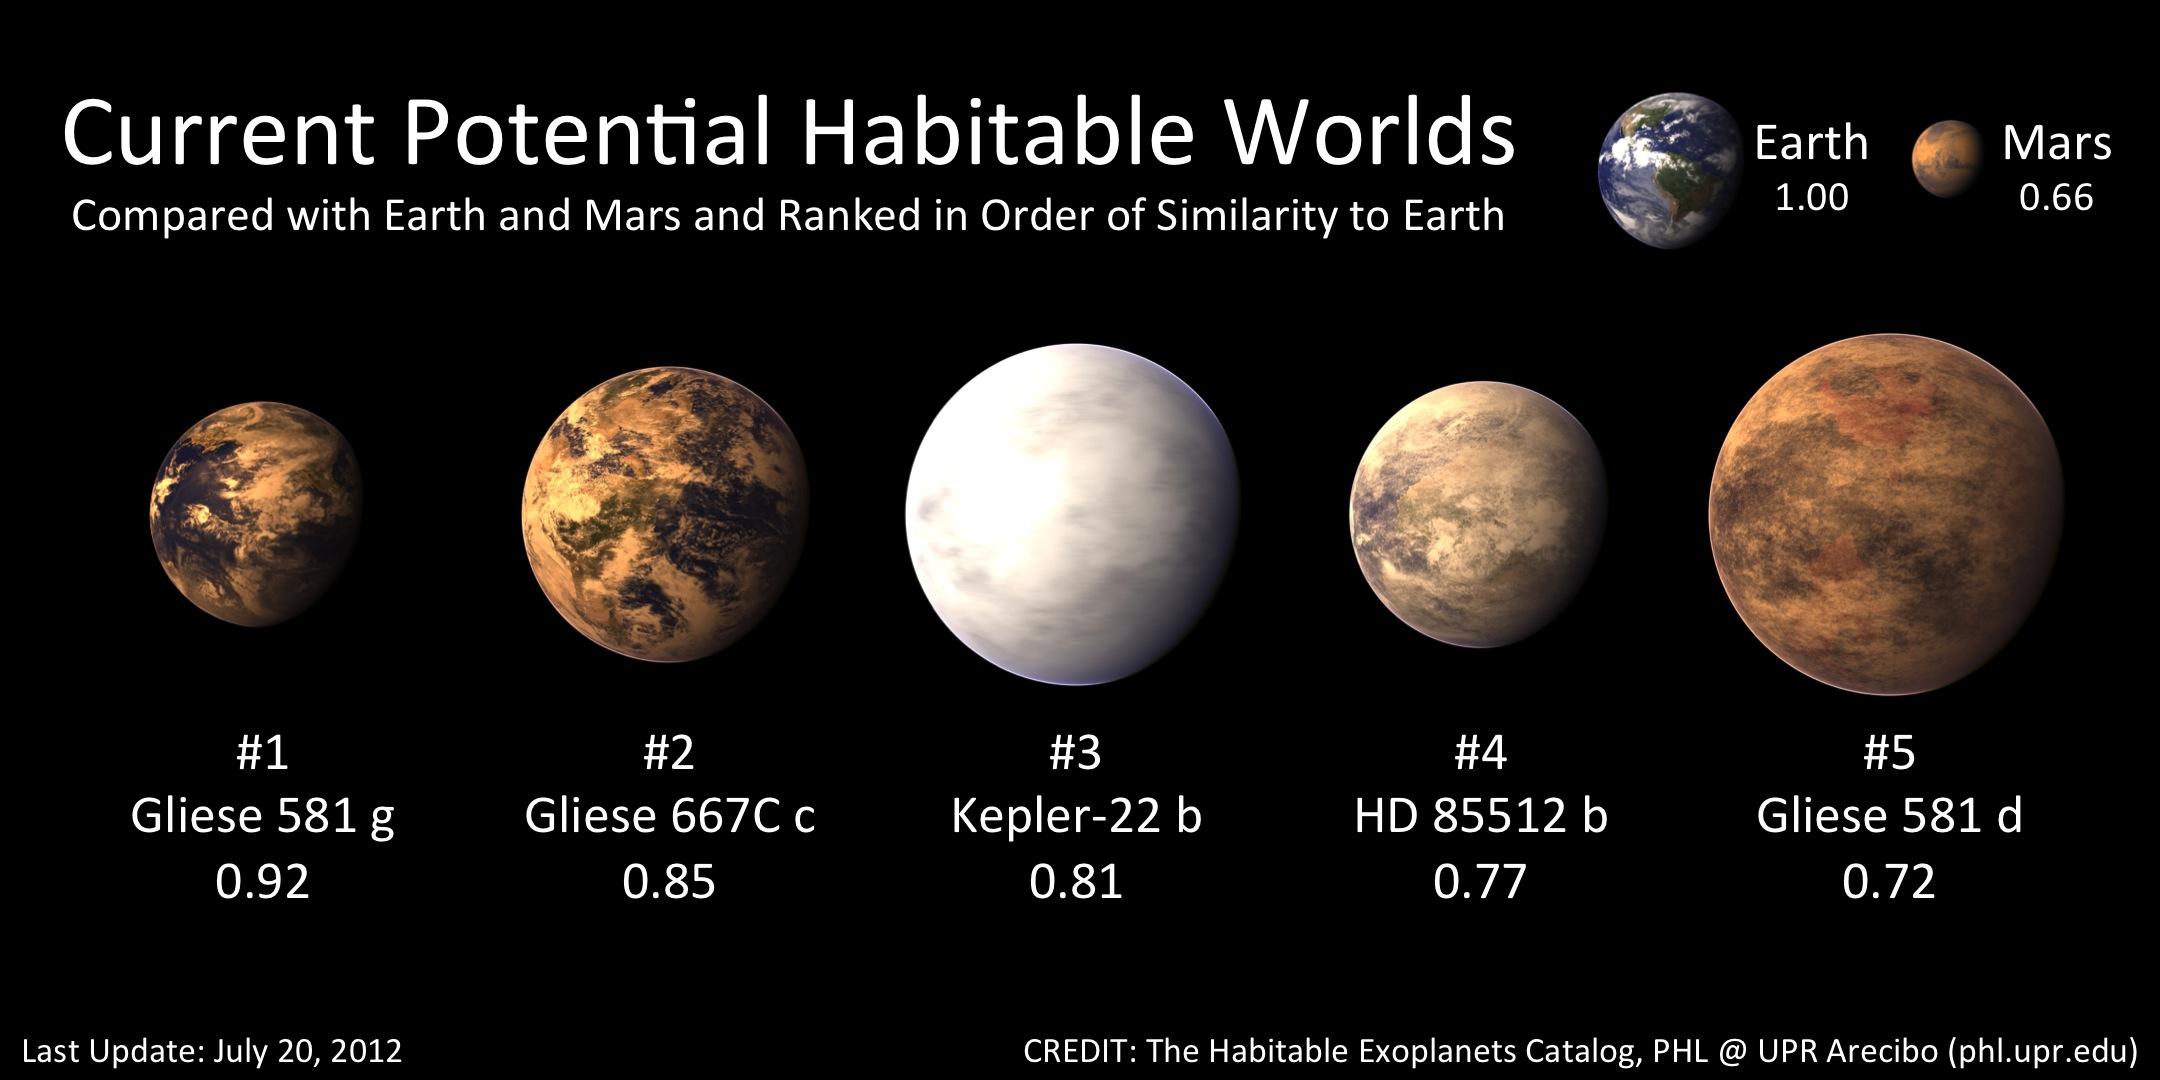 Пять самых потенциально обитаемых экзопланет